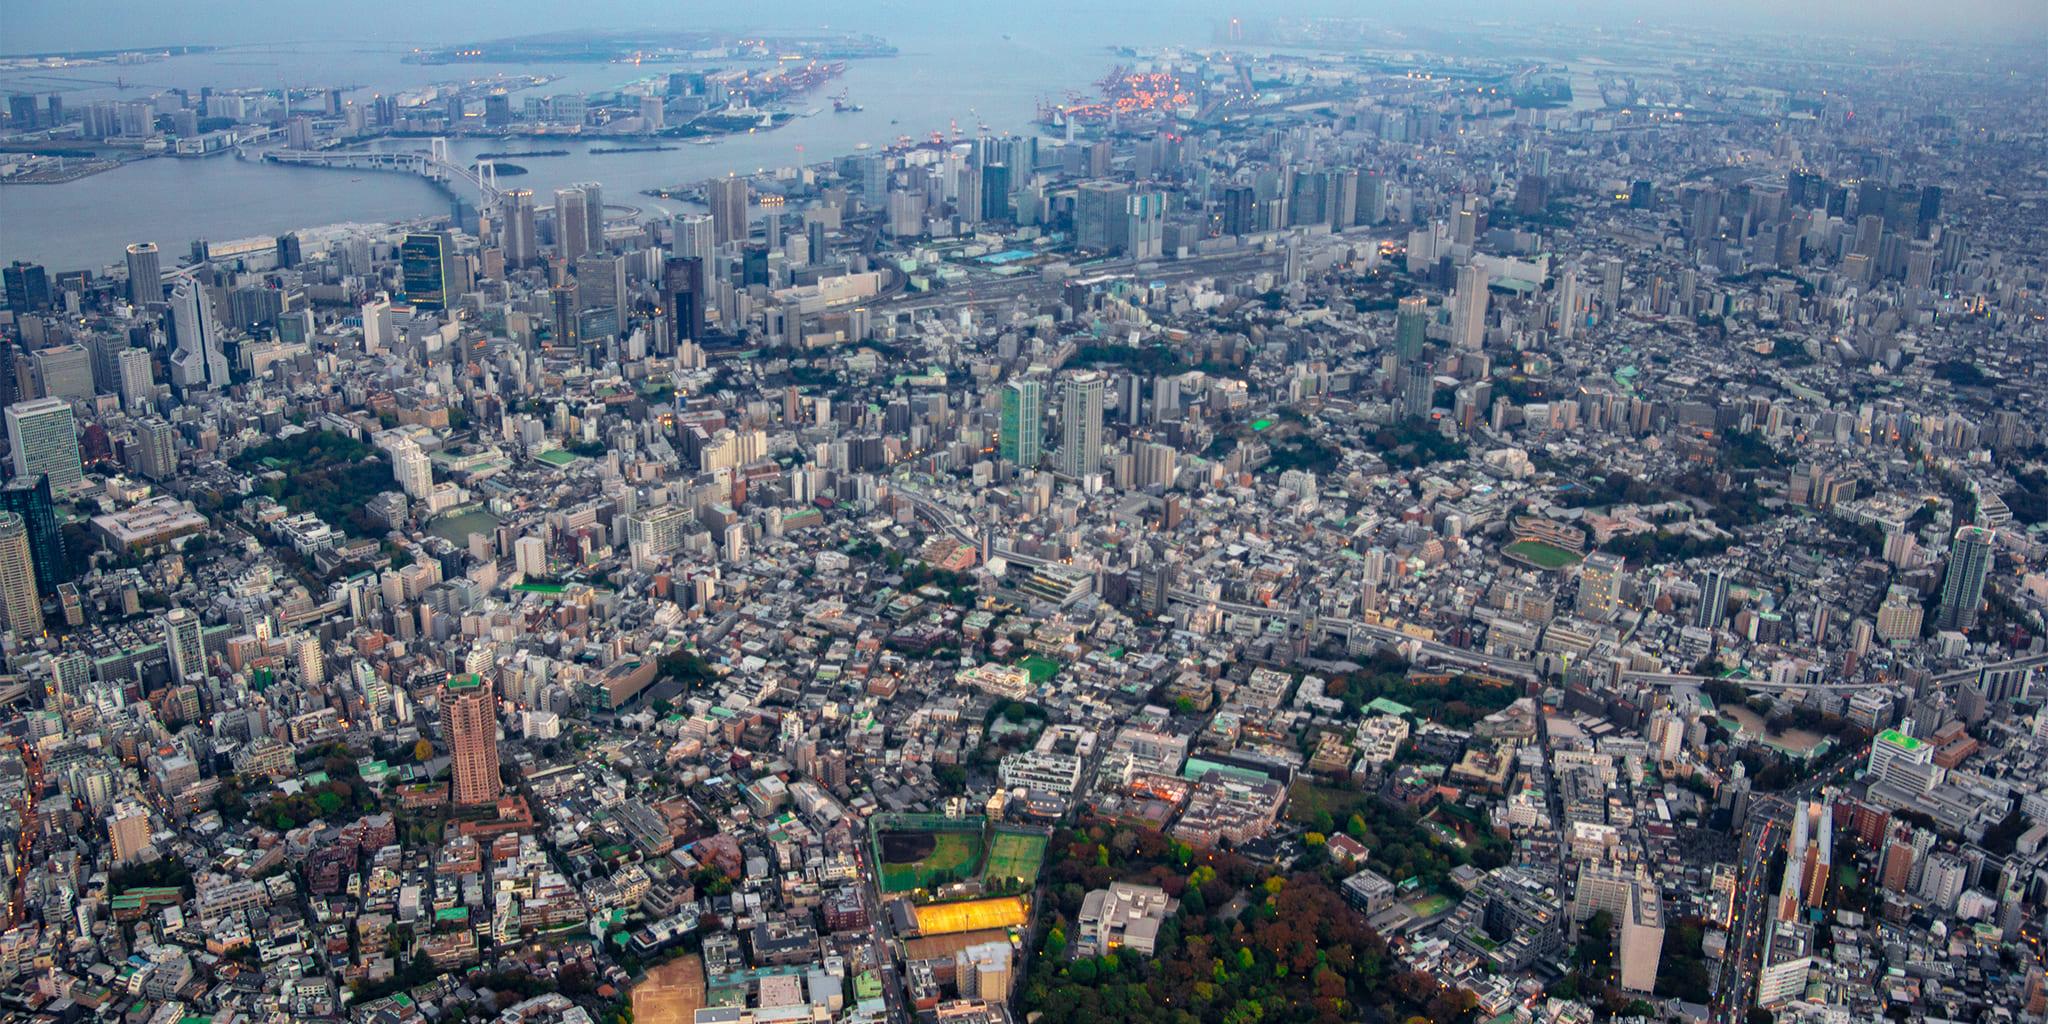 ヘリコプターで東京上空をフライトして見える麻布